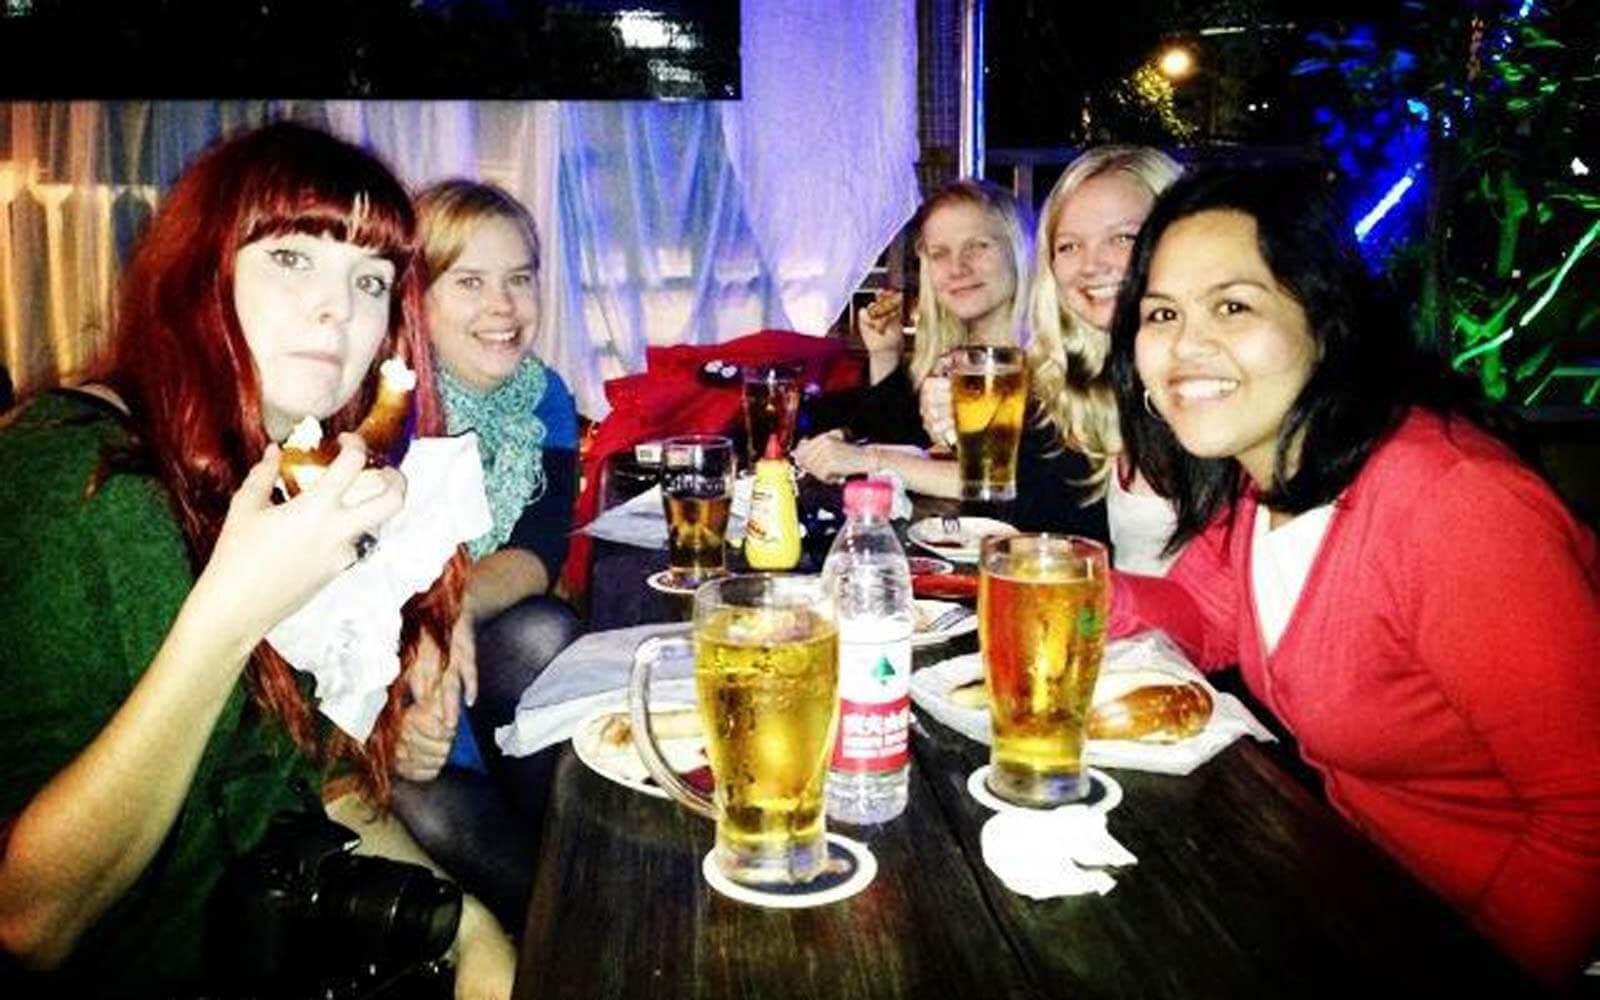 Hanna mit ihren Freunden in einer Bar